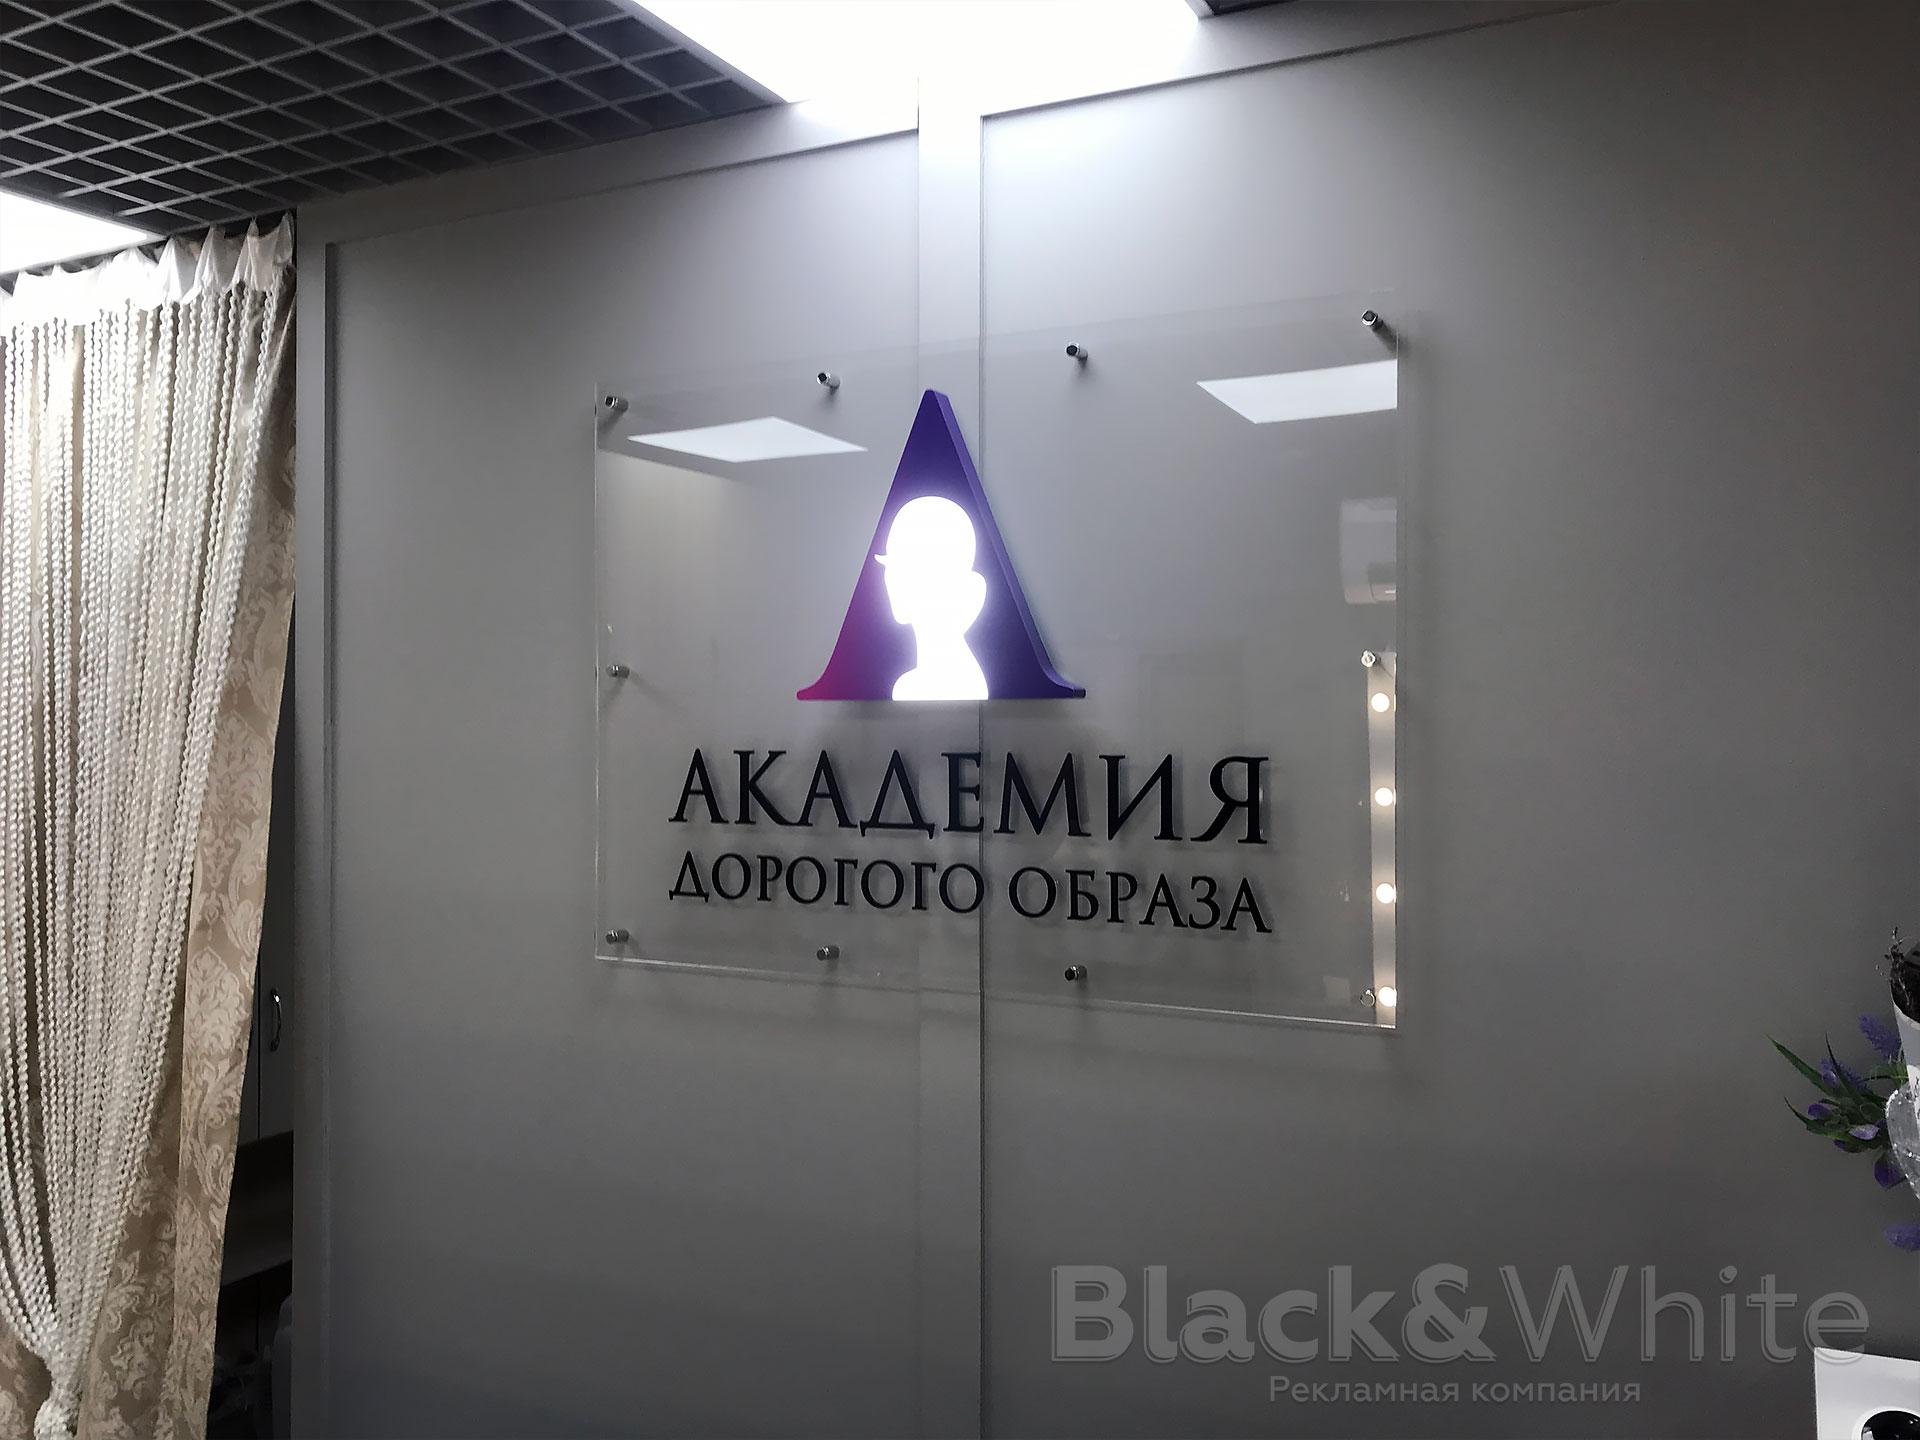 Интерьерная-вывеска-на-ресепшн-Академия-дорогого-образа-Black&White...jpg